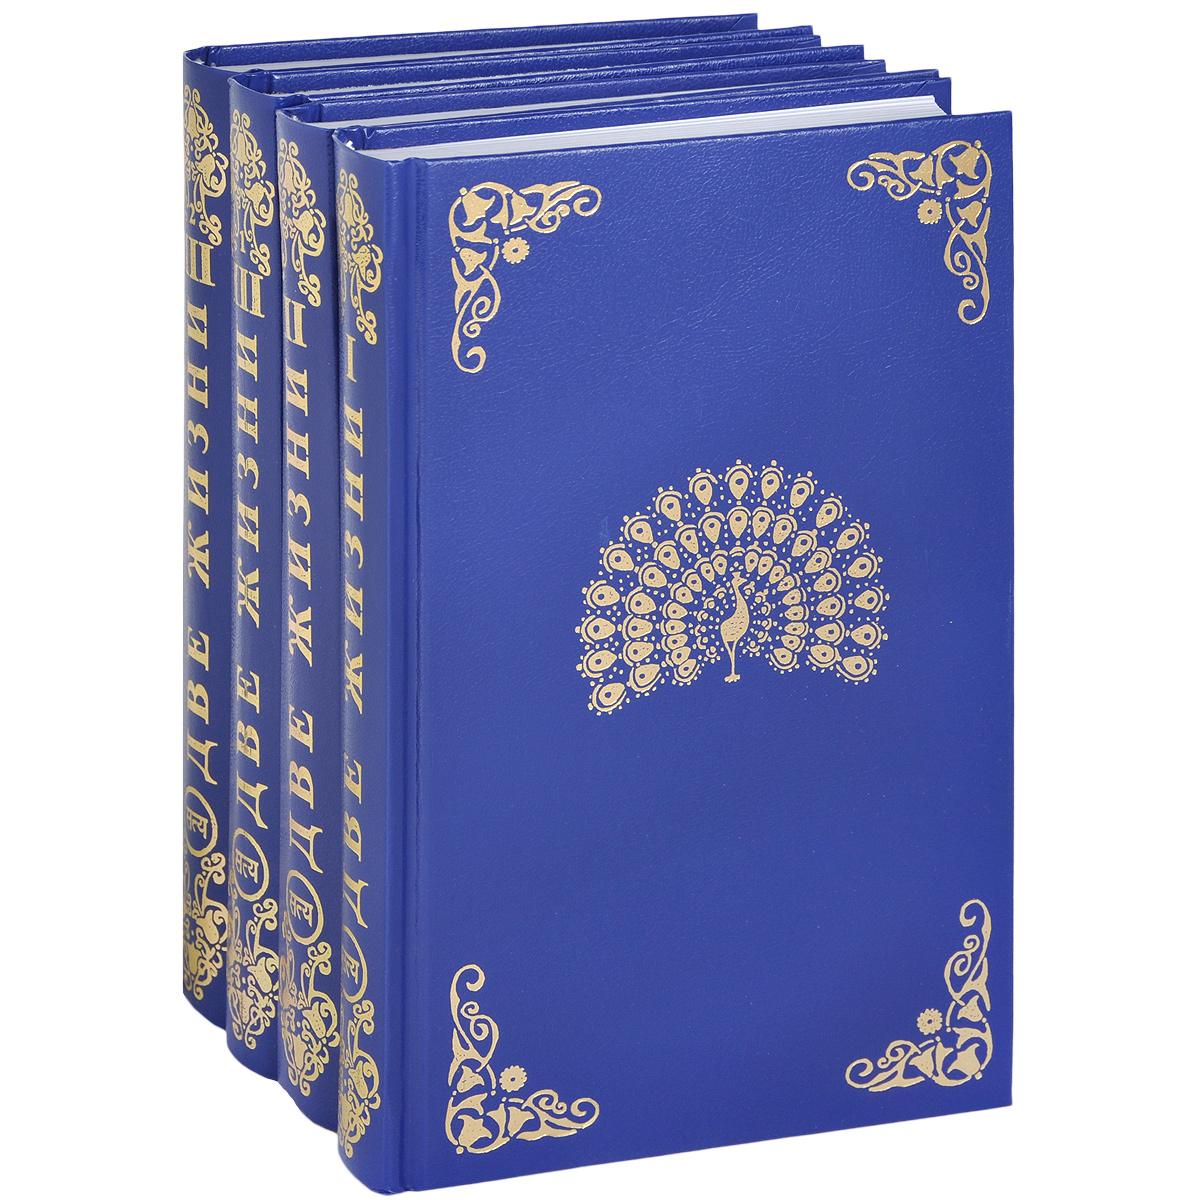 Две жизни. В 3 частях комплект из 4 книг;Две жизни. В 3 частях (комплект из 4 книг) | Антарова Конкордия #1